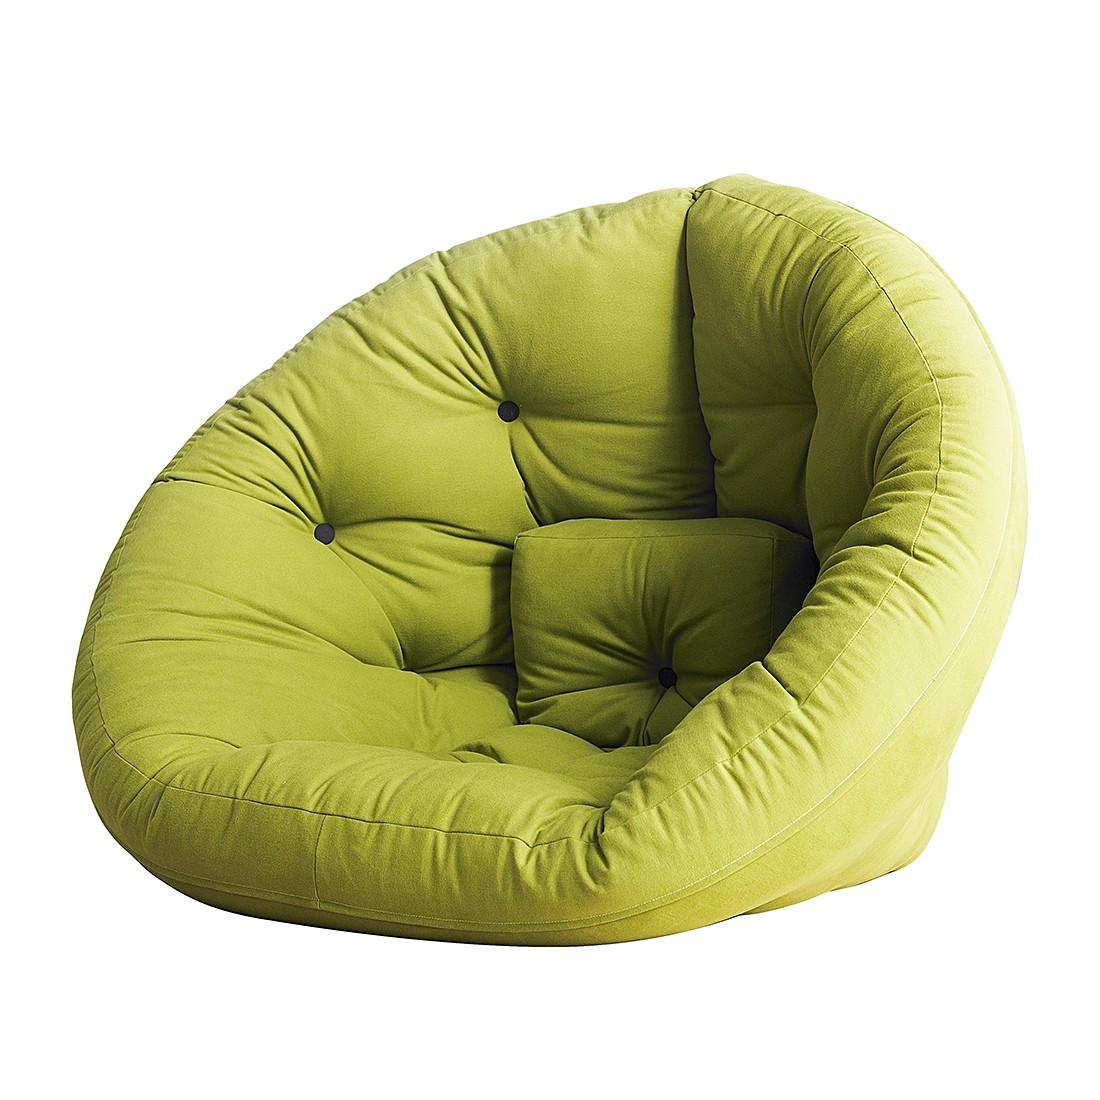 Fauteuil futon convertible Nest - Vert clair, Karup